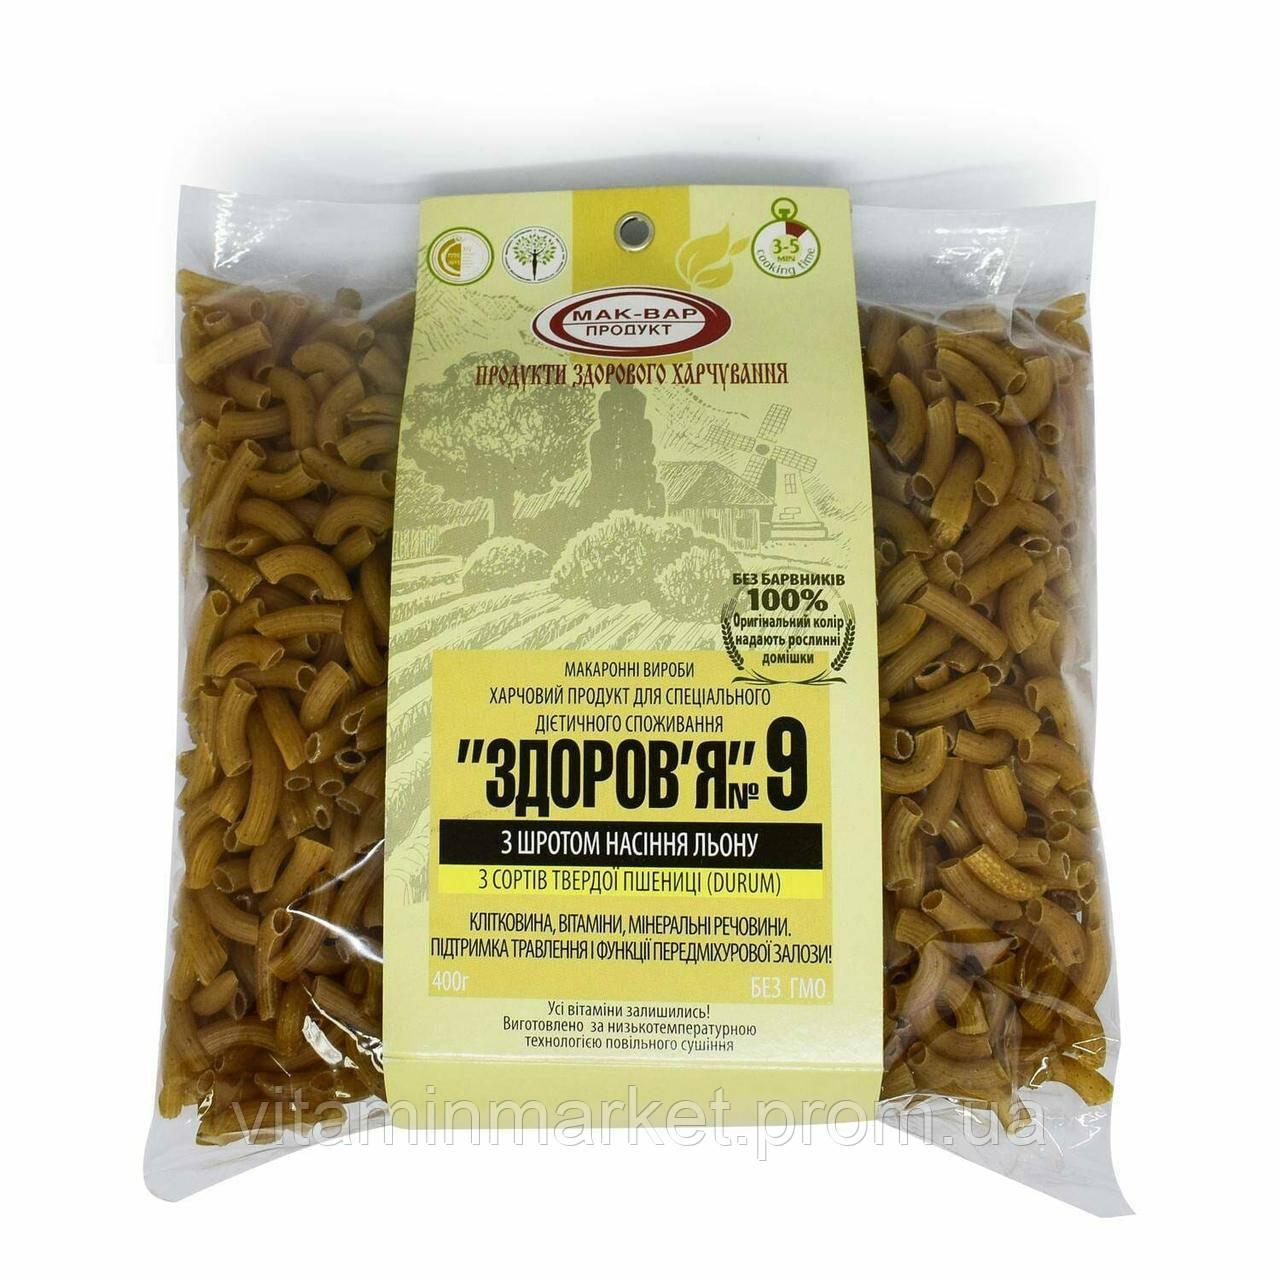 Макароны Мак-Вар Здоровье № 9 из твердых сортов пшеницы с шротом льна 400 г